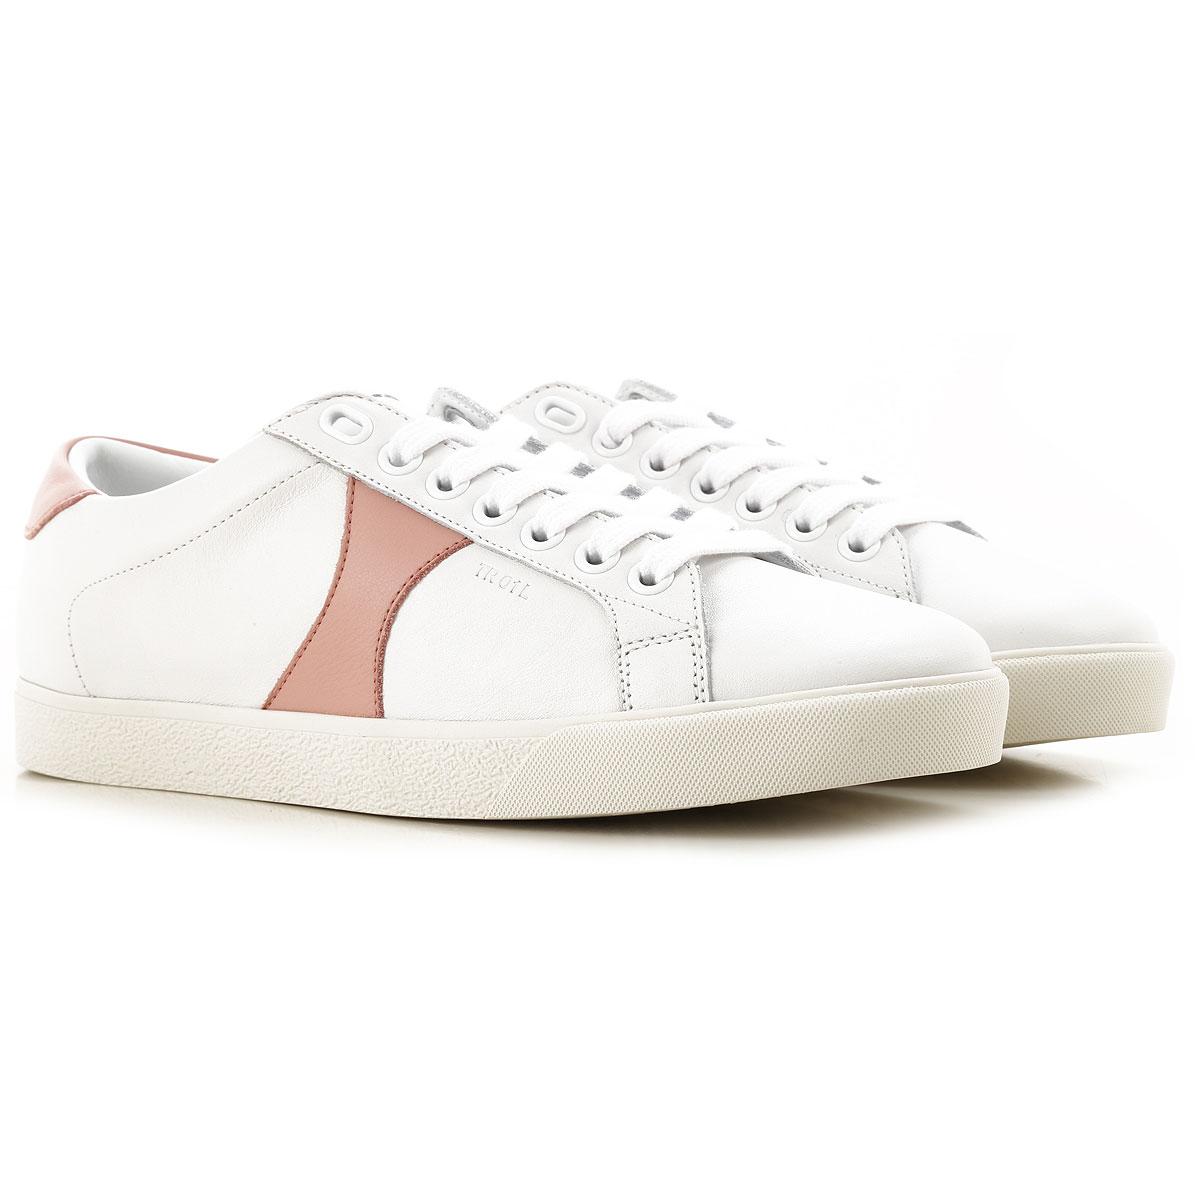 Celine Sneaker Femme Pas cher en Soldes, Blanc cassé, Cuir, 2019, 36 39 40 41